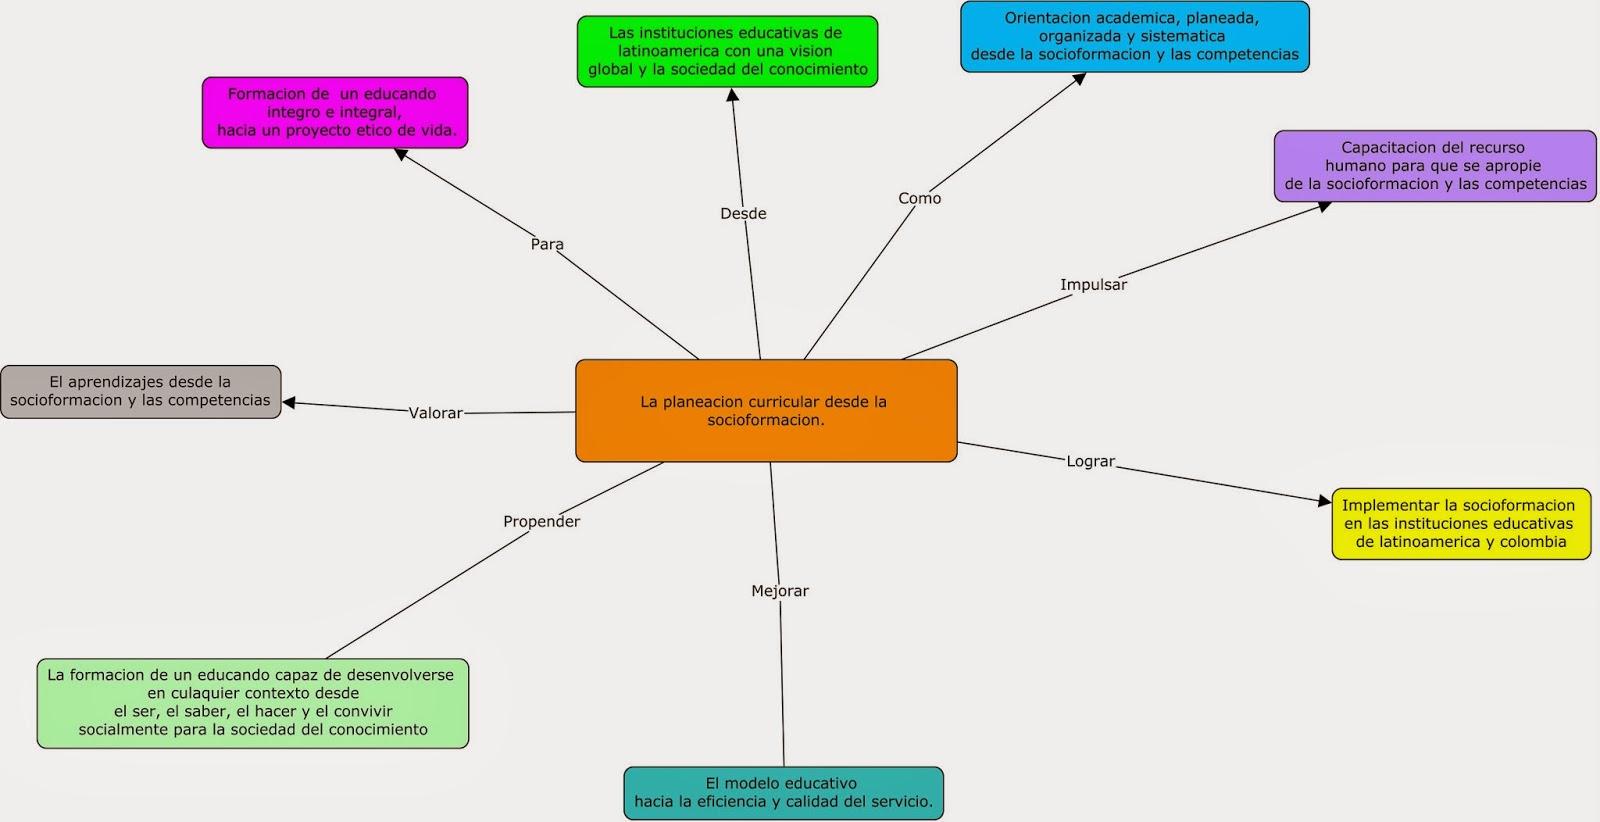 CARTOGRAFIA CONCEPTUAL PDF DOWNLOAD